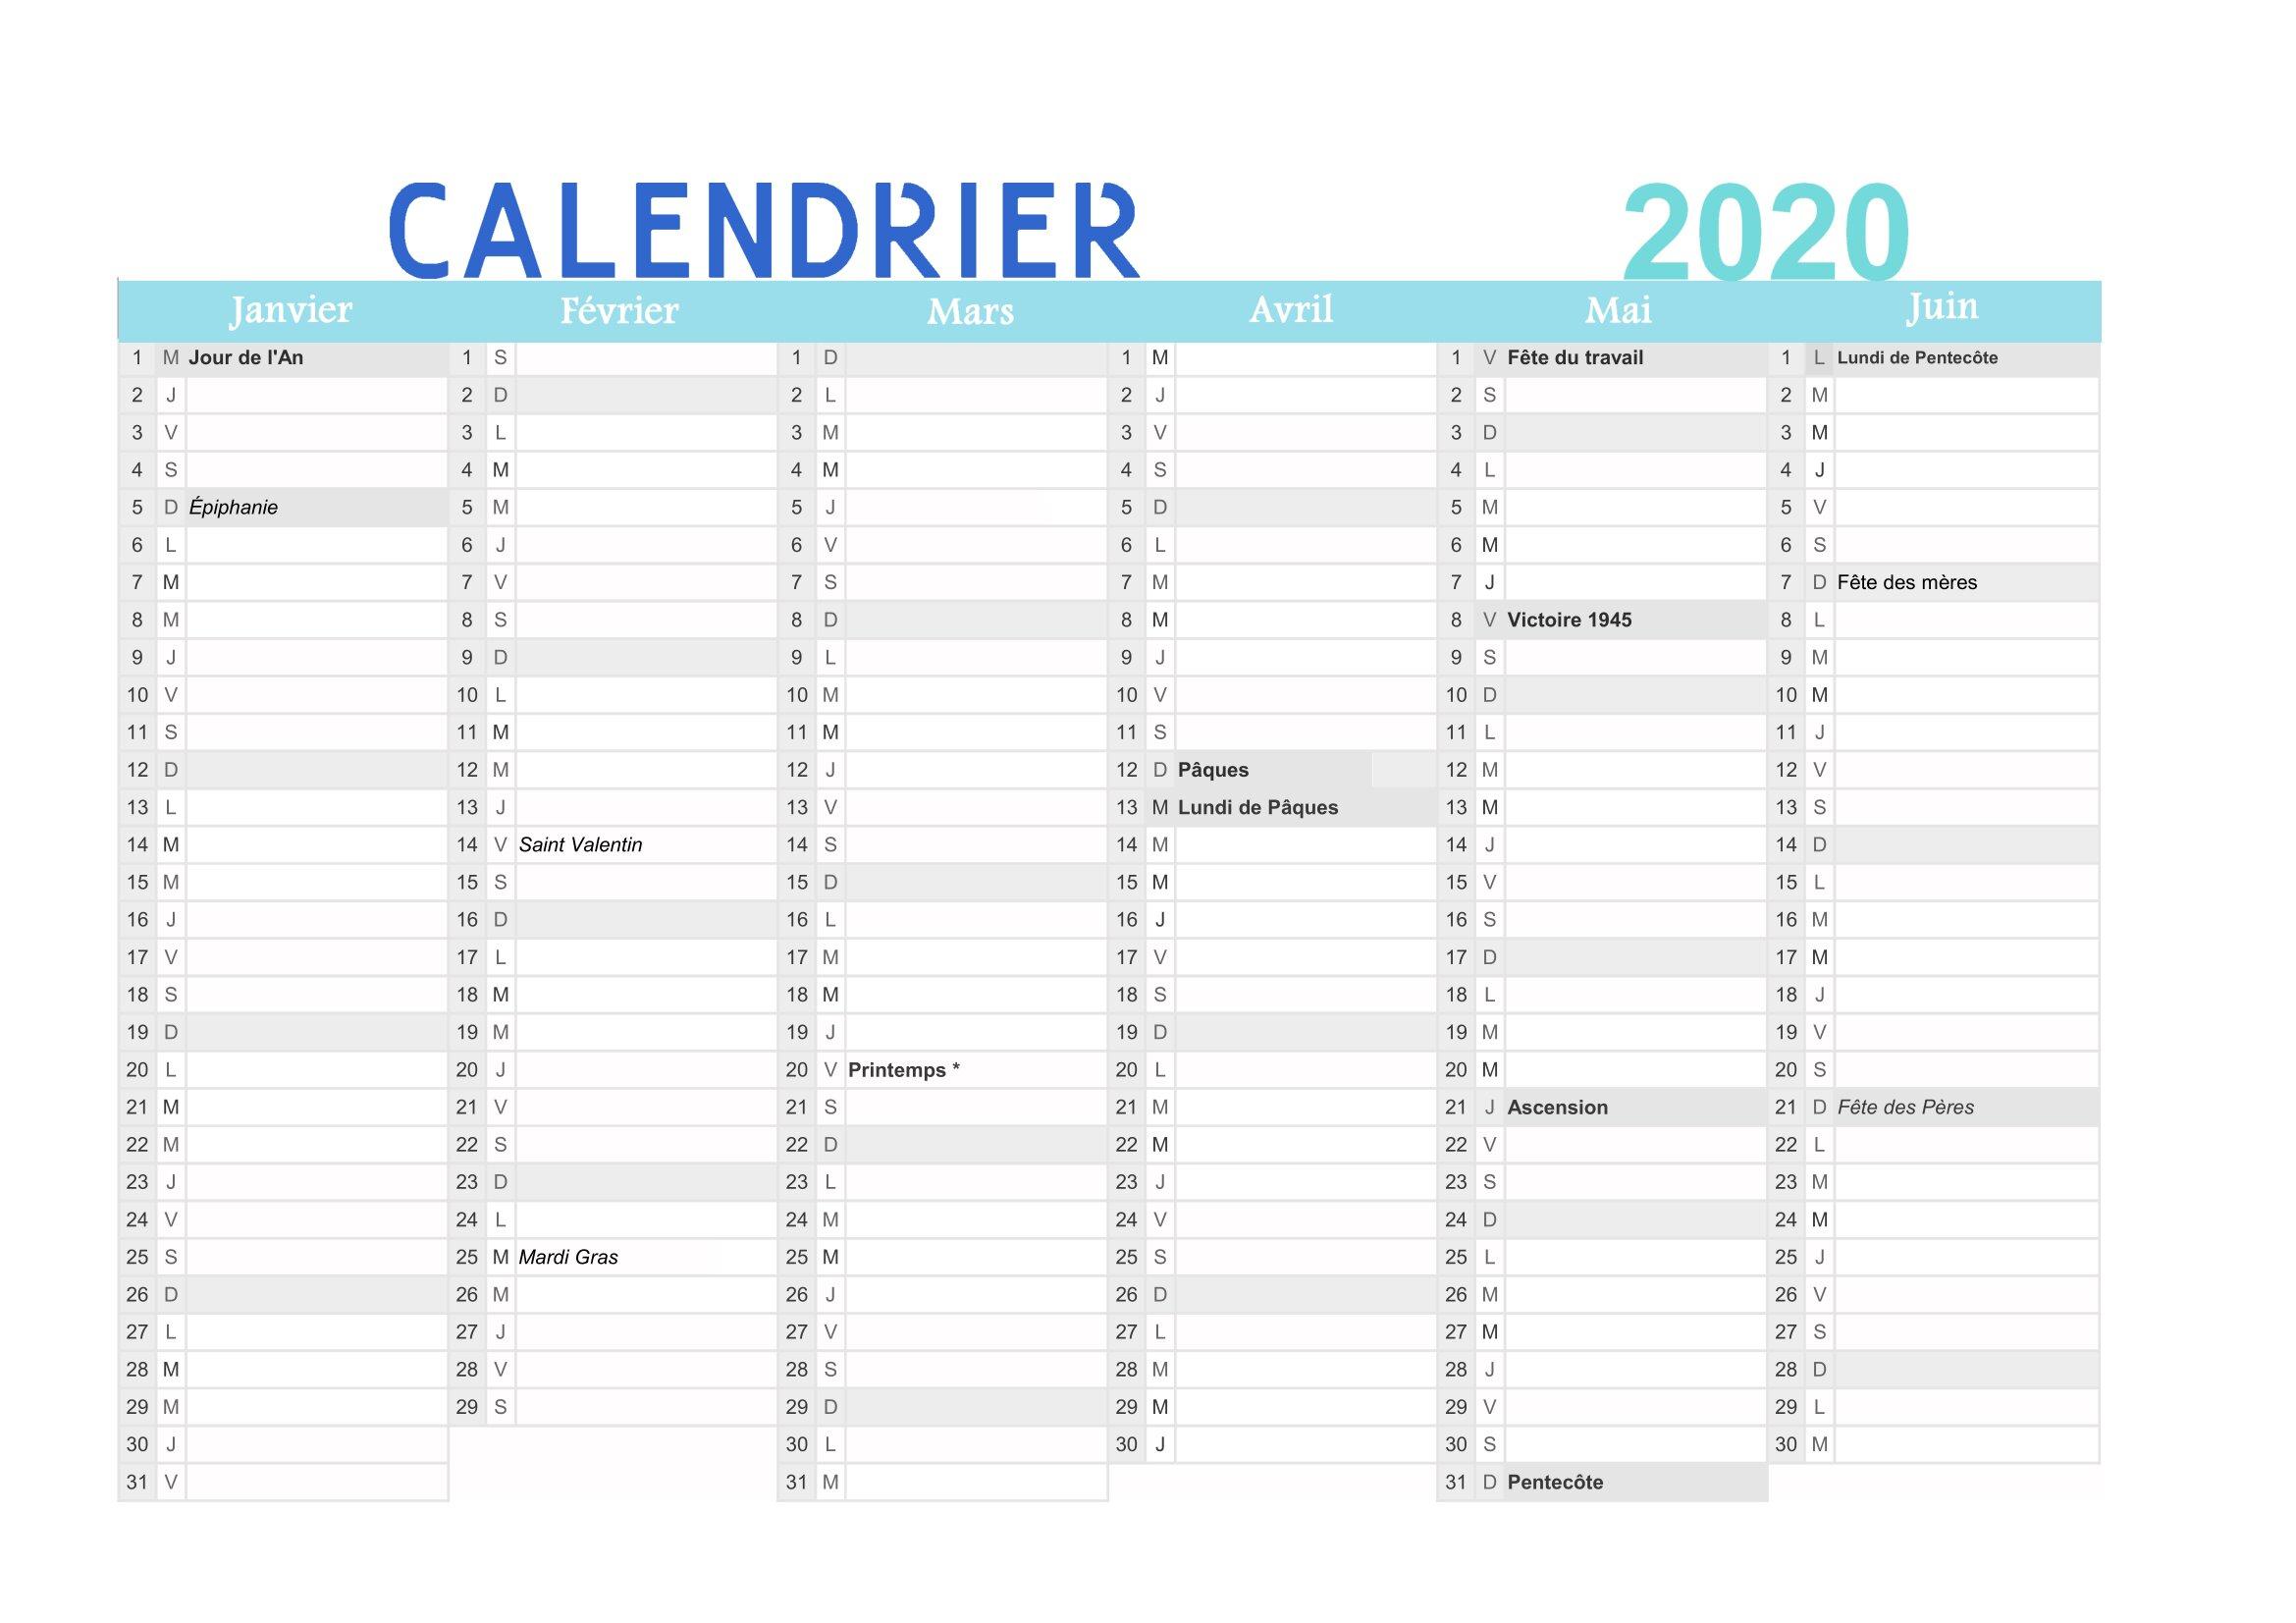 Calendrier 2020 À Imprimer (Gratuit) : Au Format Pdf serapportantà Calendrier Annuel 2019 À Imprimer Gratuit